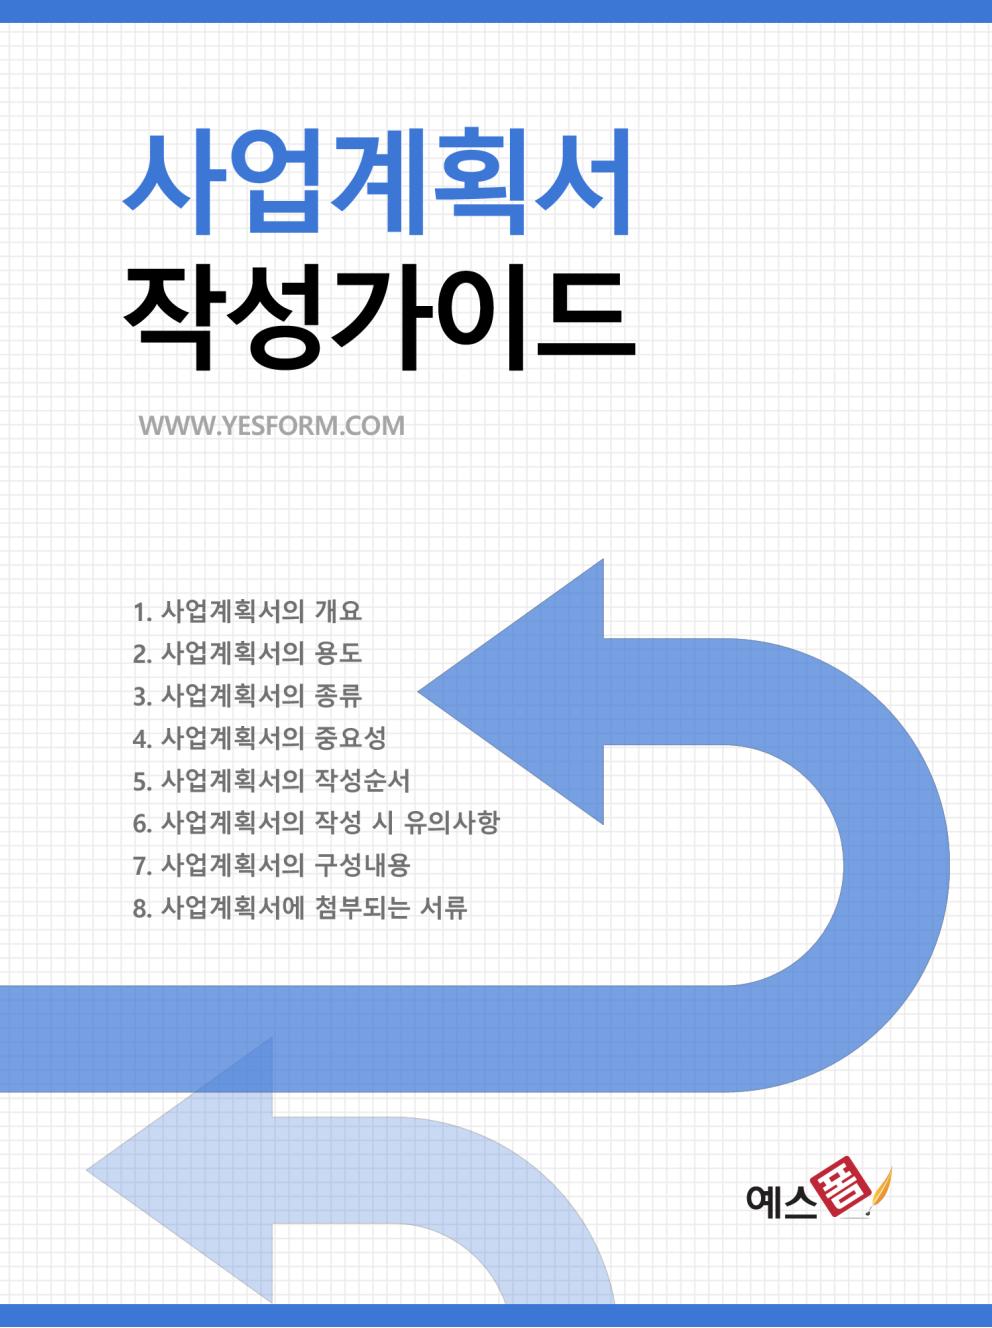 사업계획서 작성가이드-미리보기